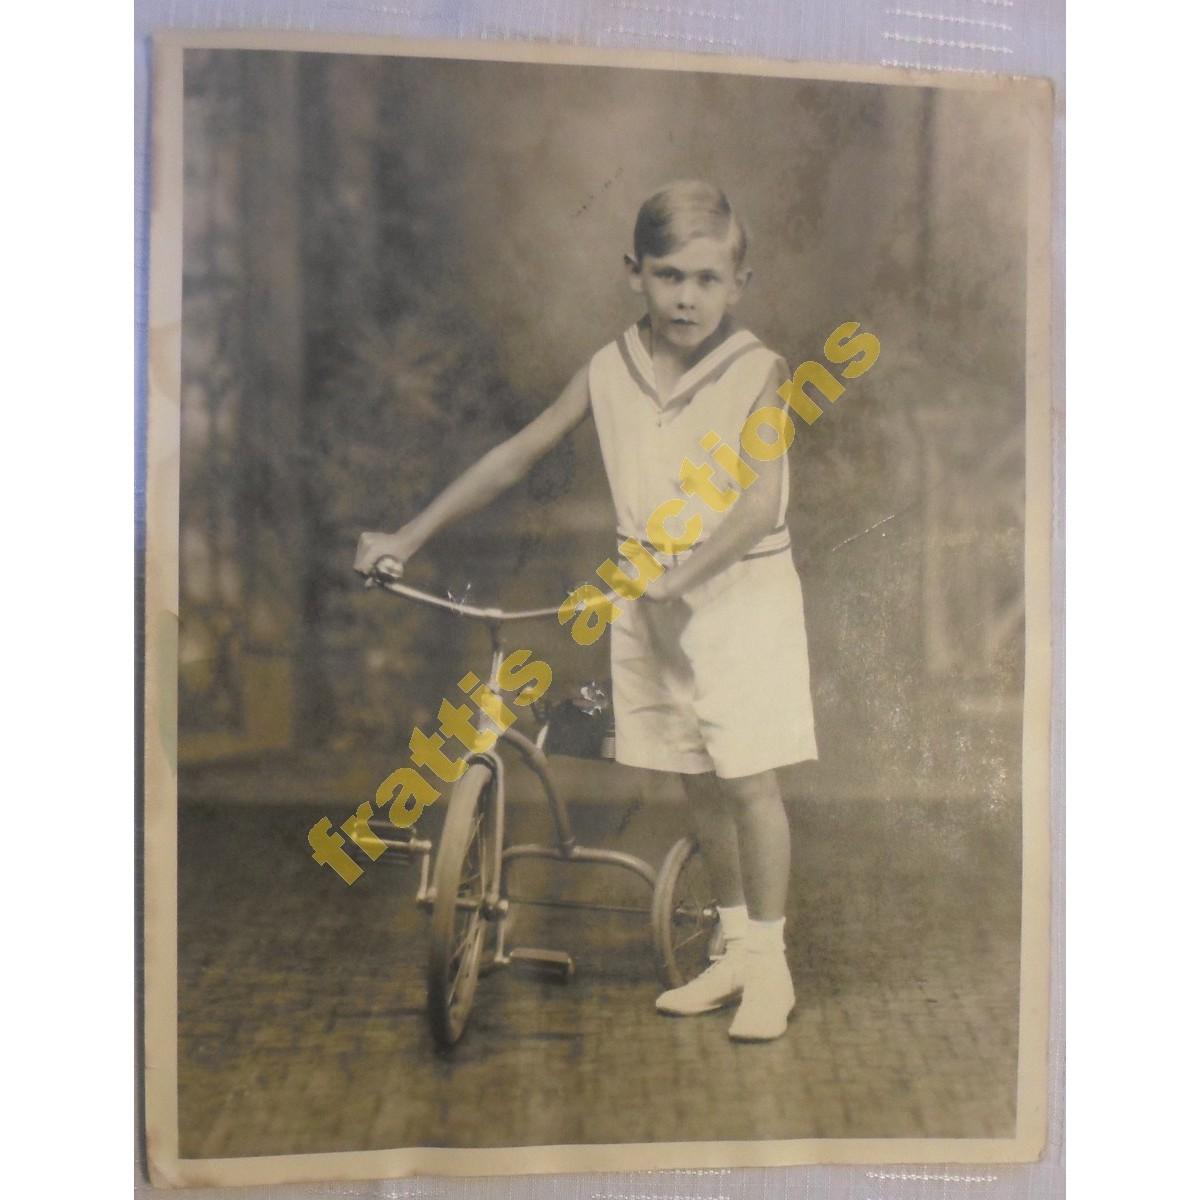 Παλιά ασπρόμαυρη φωτογραφία αγοριού με το ποδήλατό του.